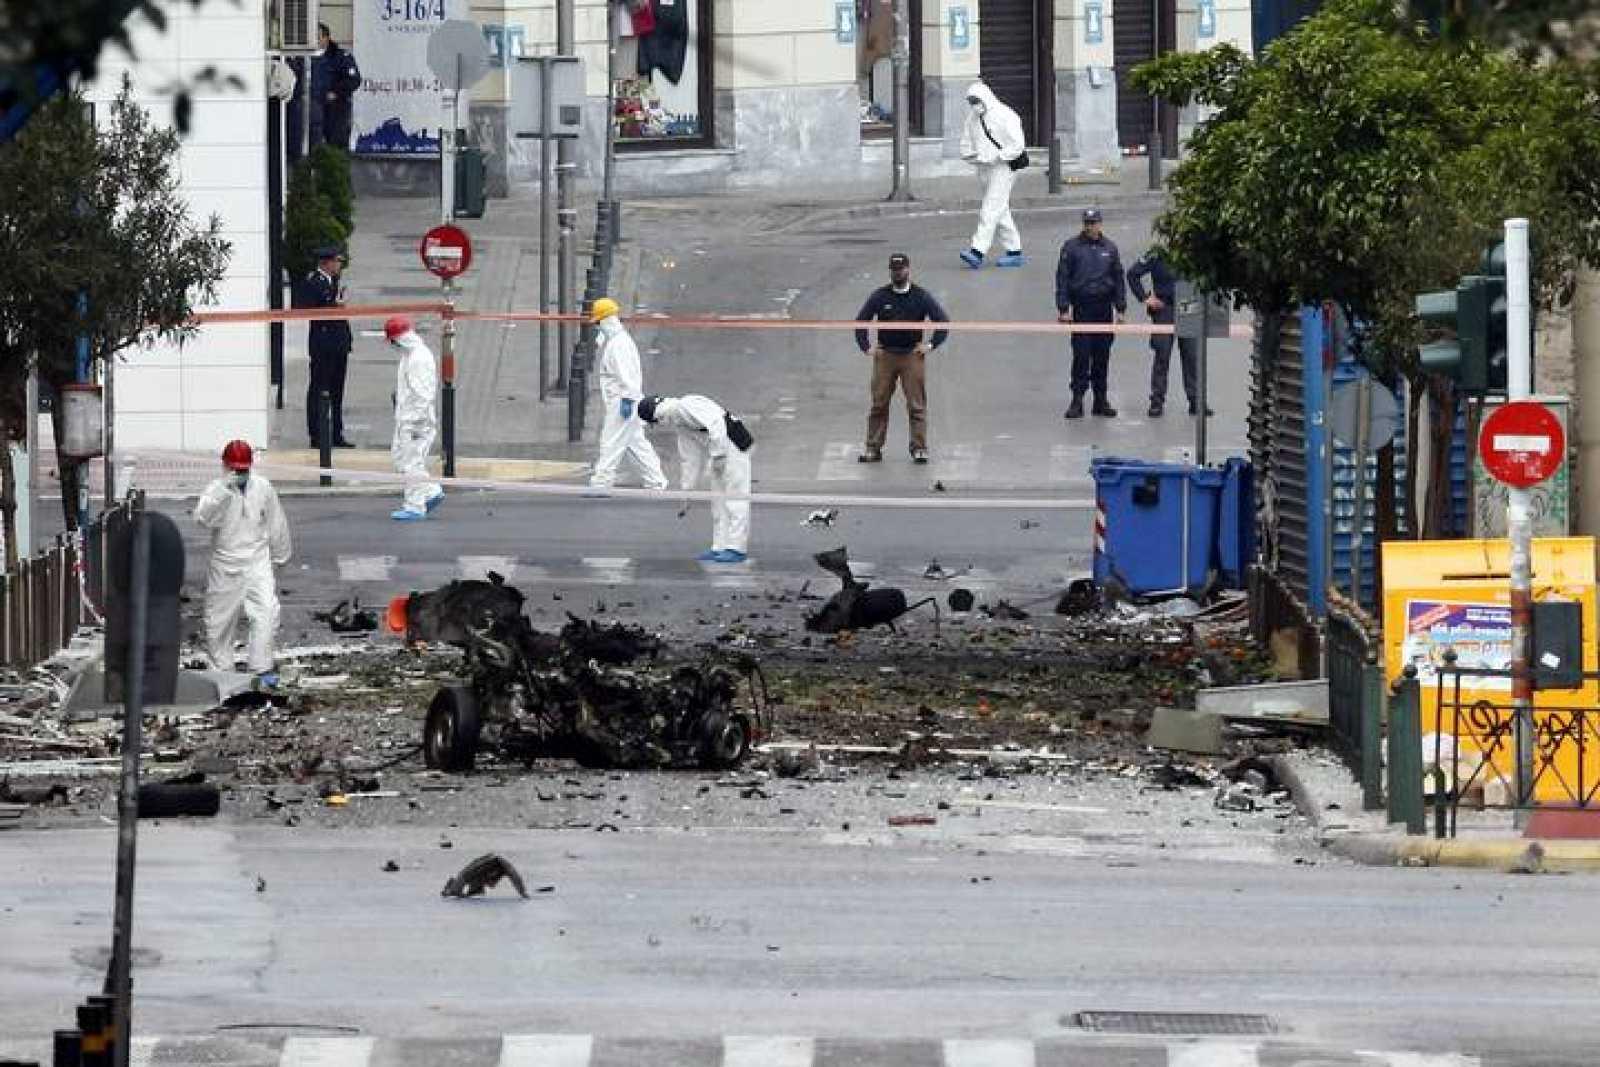 Expertos de la Policía buscan evidencias en el lugar de la explosión de un coche bomba, en Atenas